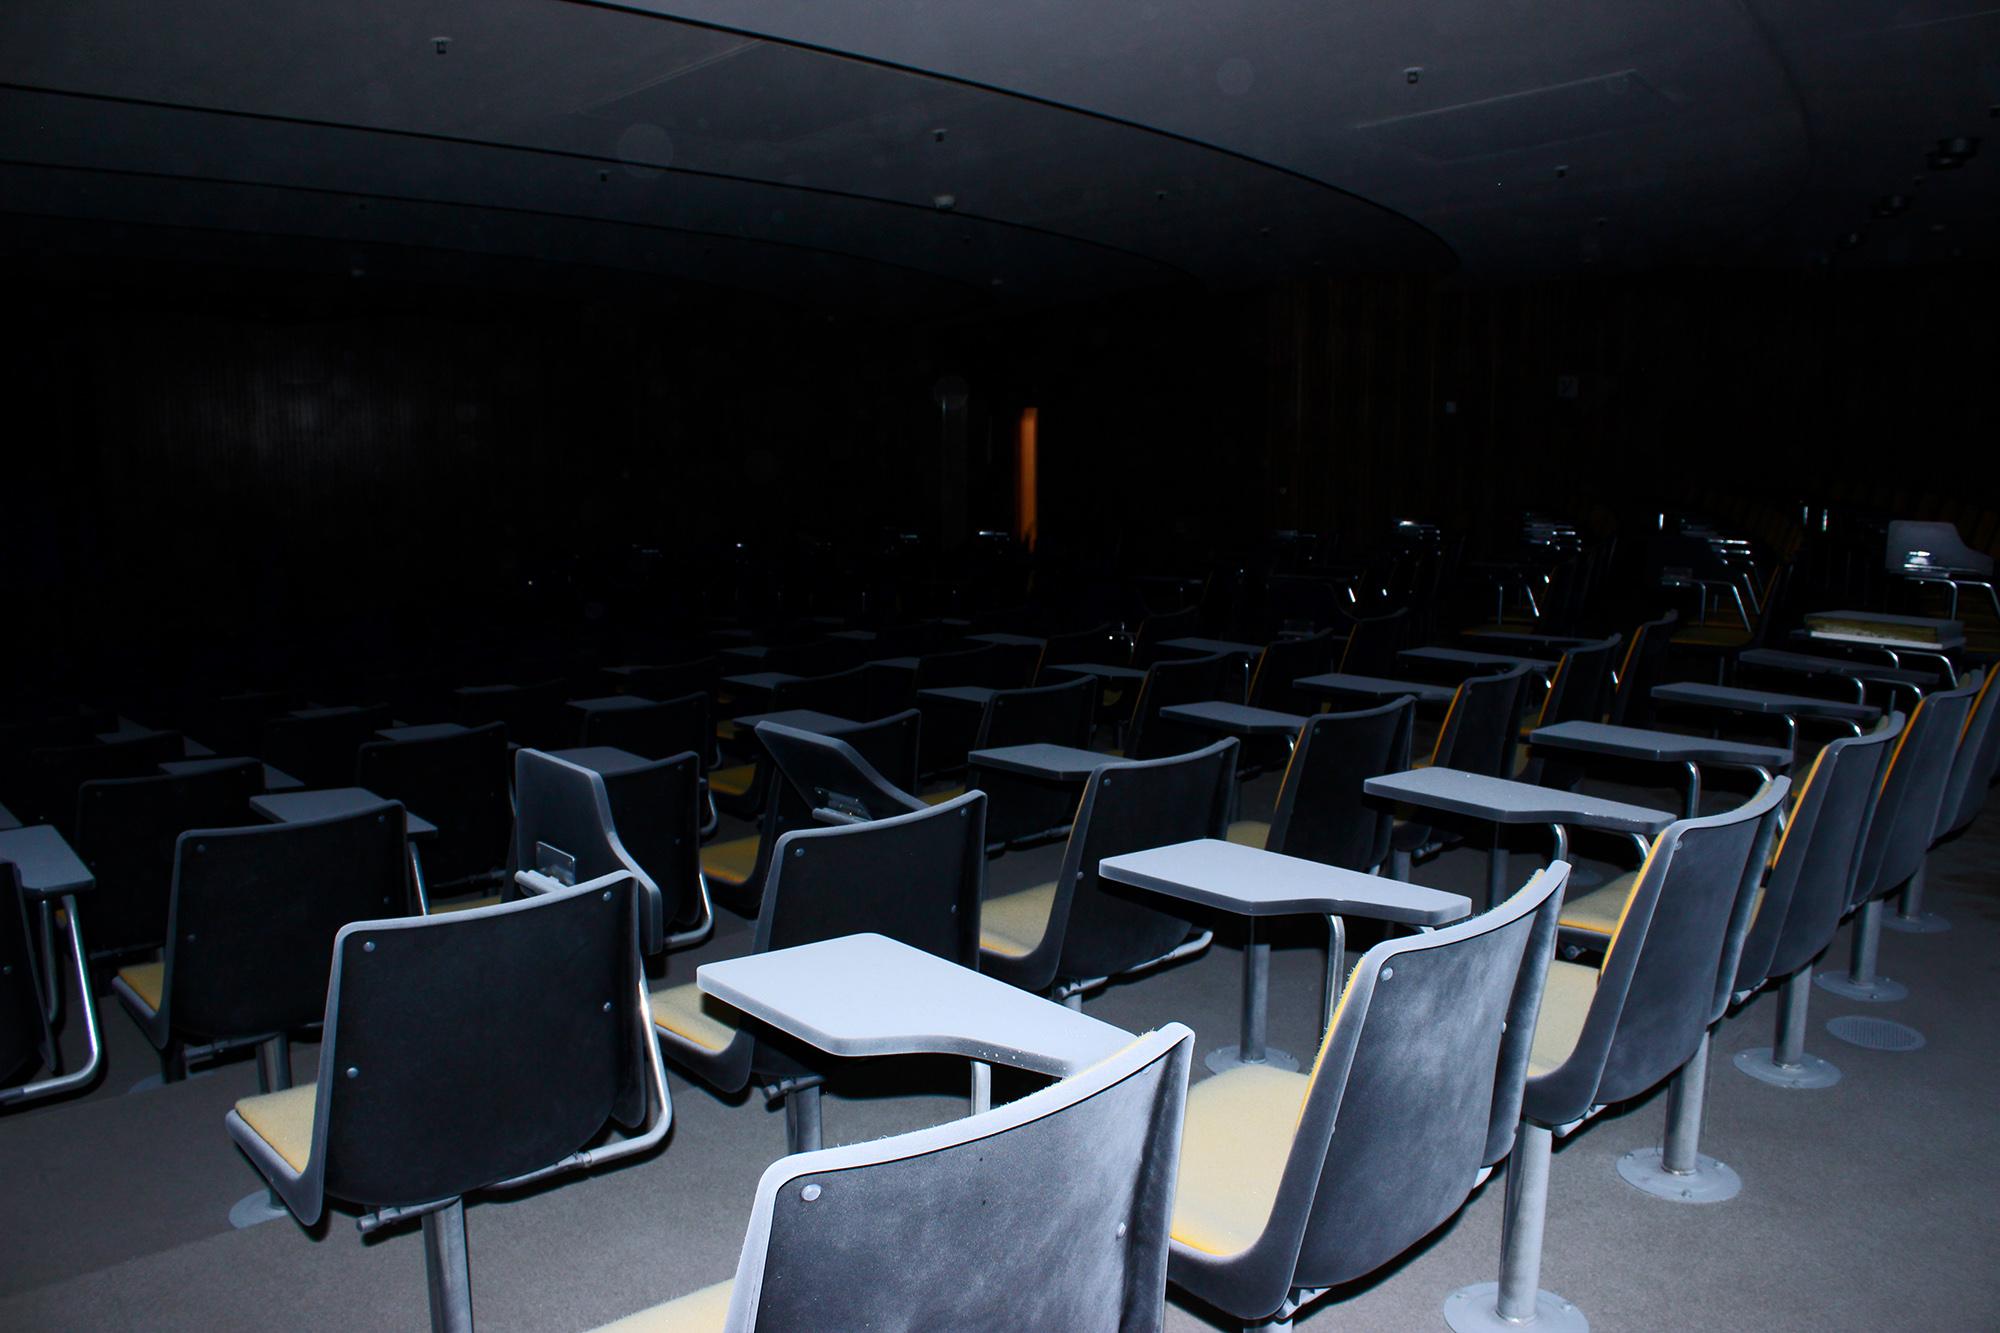 Grosser Konferenzraum 2 , Vitopia Offenbach , Baustelle Offenbach , KWU-Areal , Leerstand , Ghost Tower , Siemens , Framatom , Lost Places , Urban Exploring , Energie , Kernkraftsparte